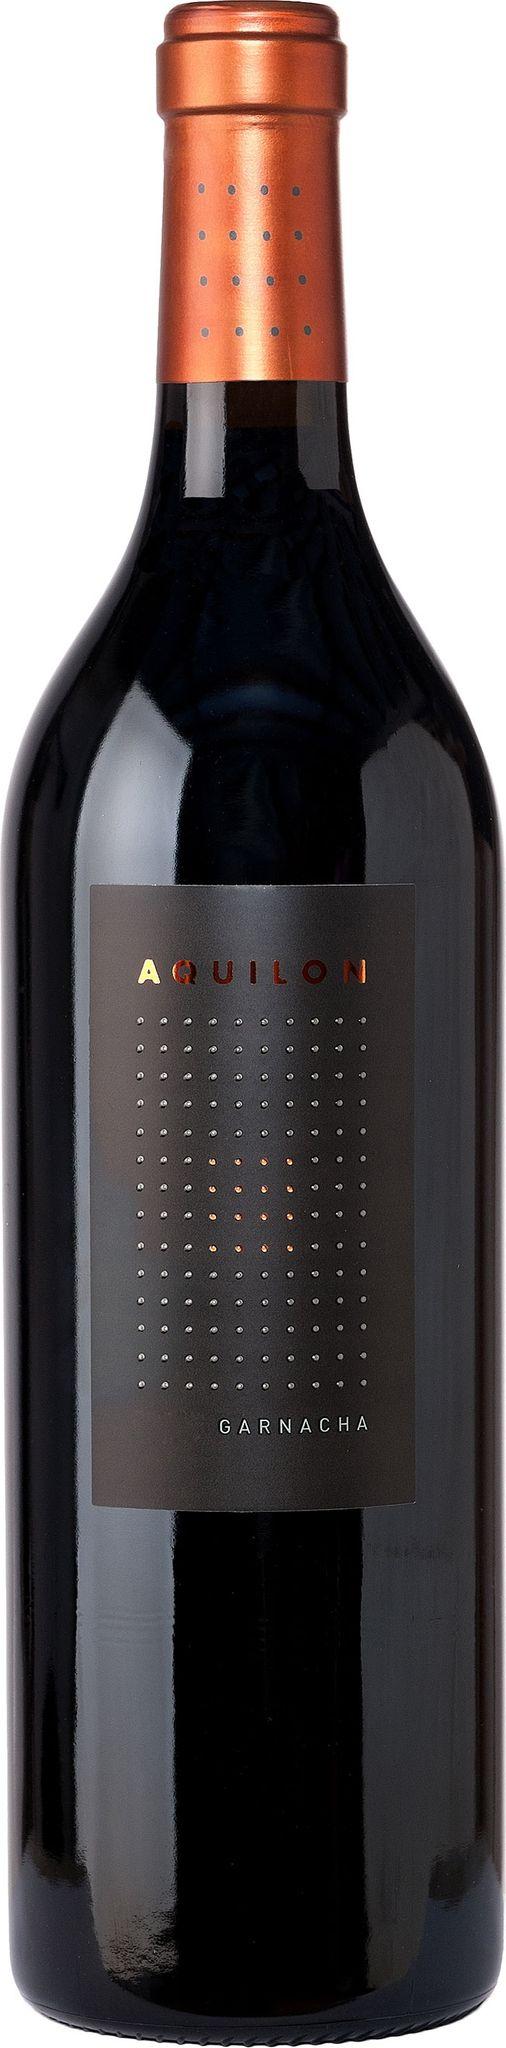 Produktbild på Aquilon